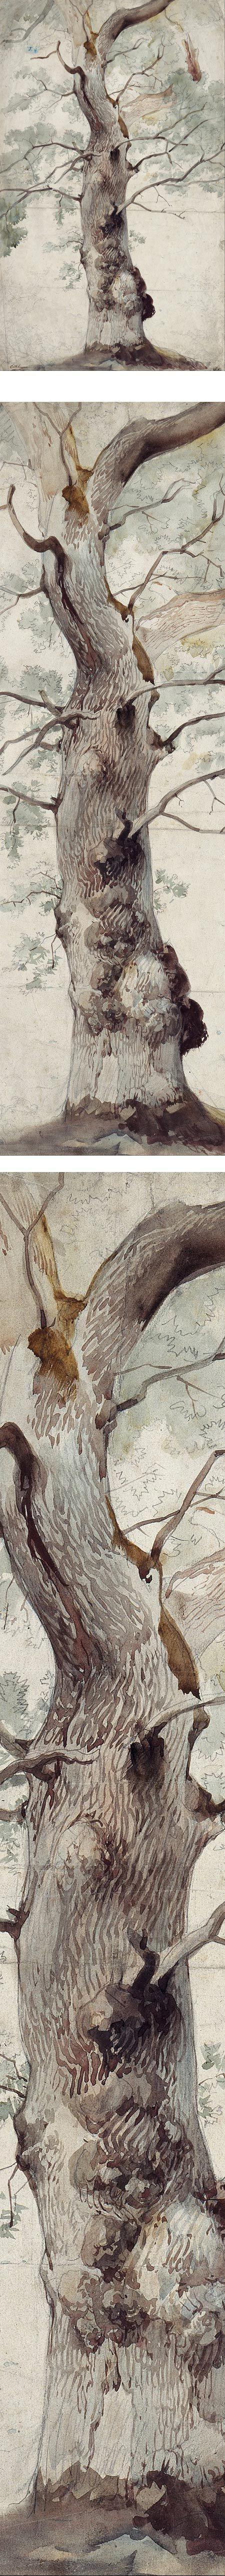 Study of a Tree, Johann Caspar Nepomuk Scheuren, watercolor